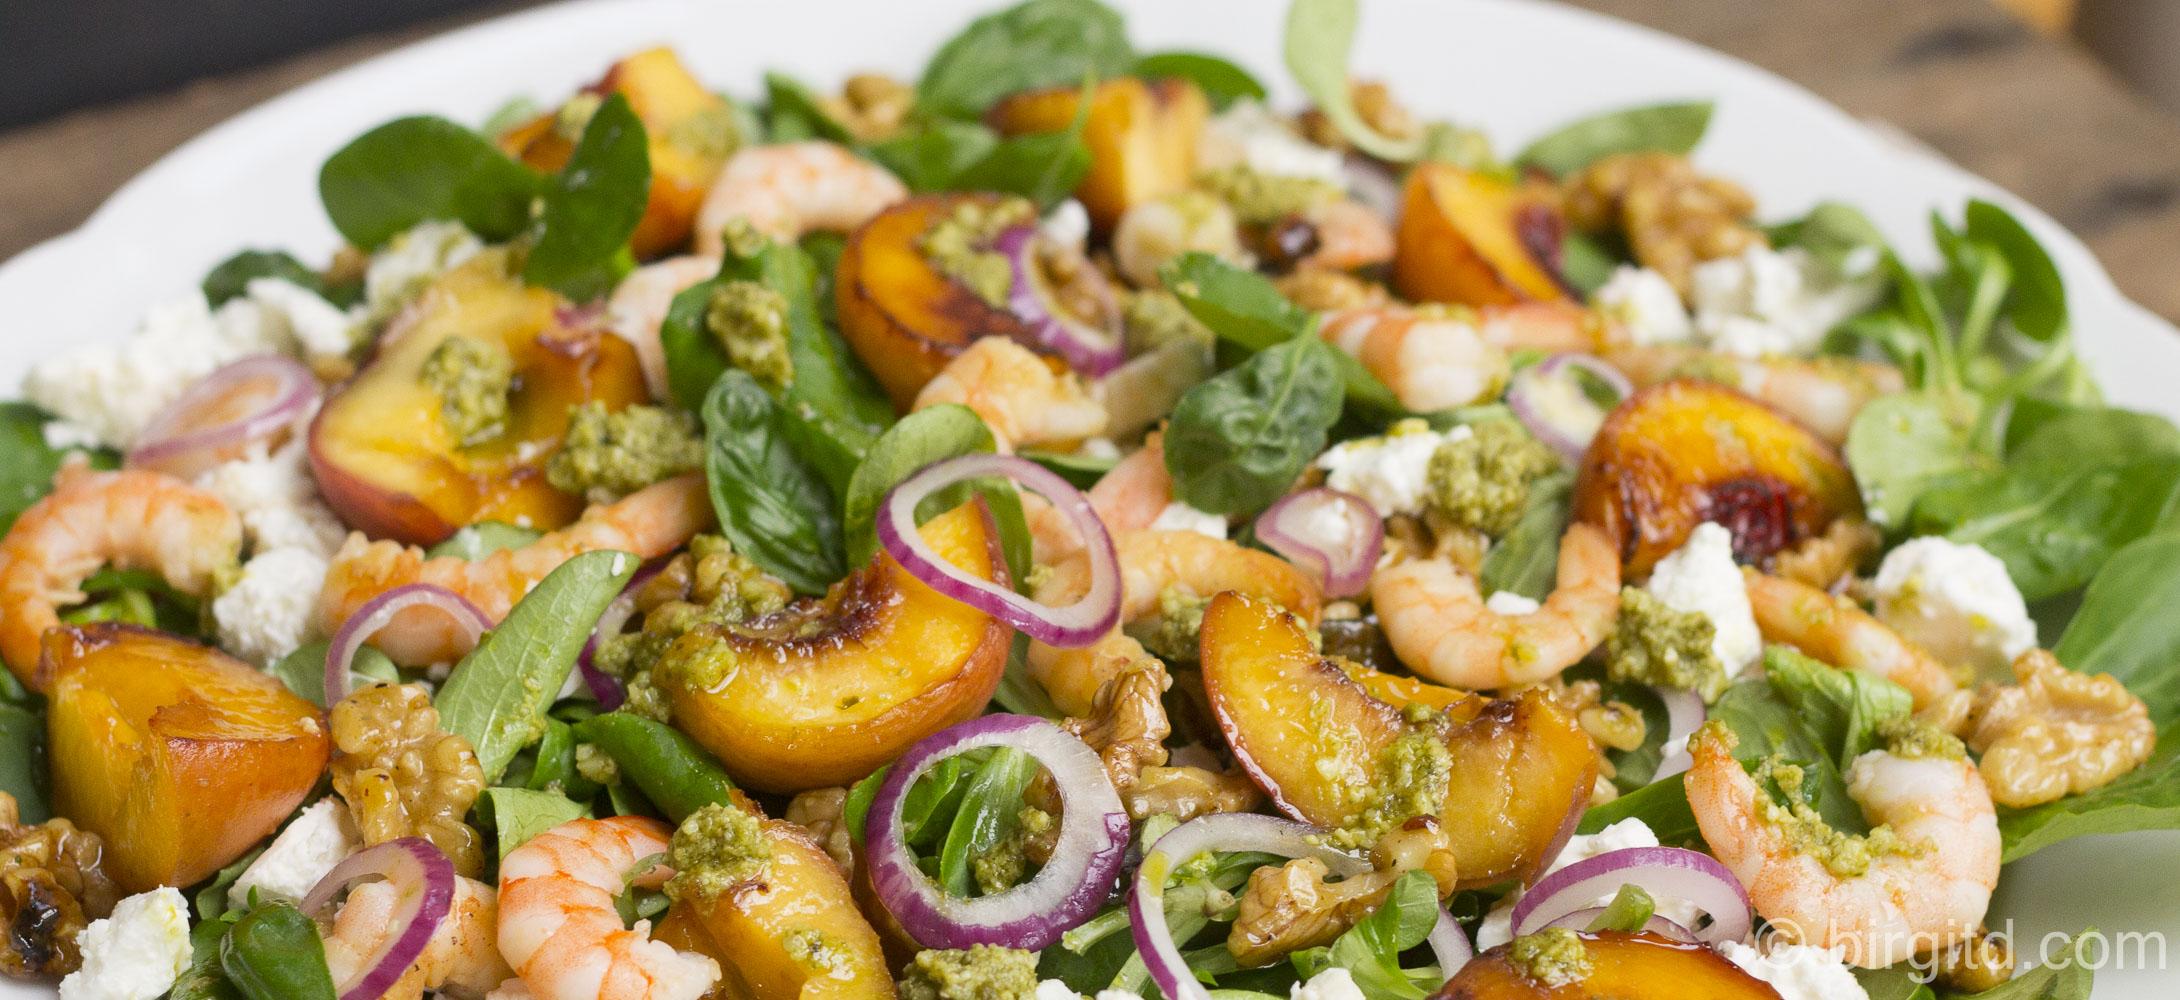 Rapunzel aka Feldsalat mit gegrillten Pfirsichen, Scampi & mehr